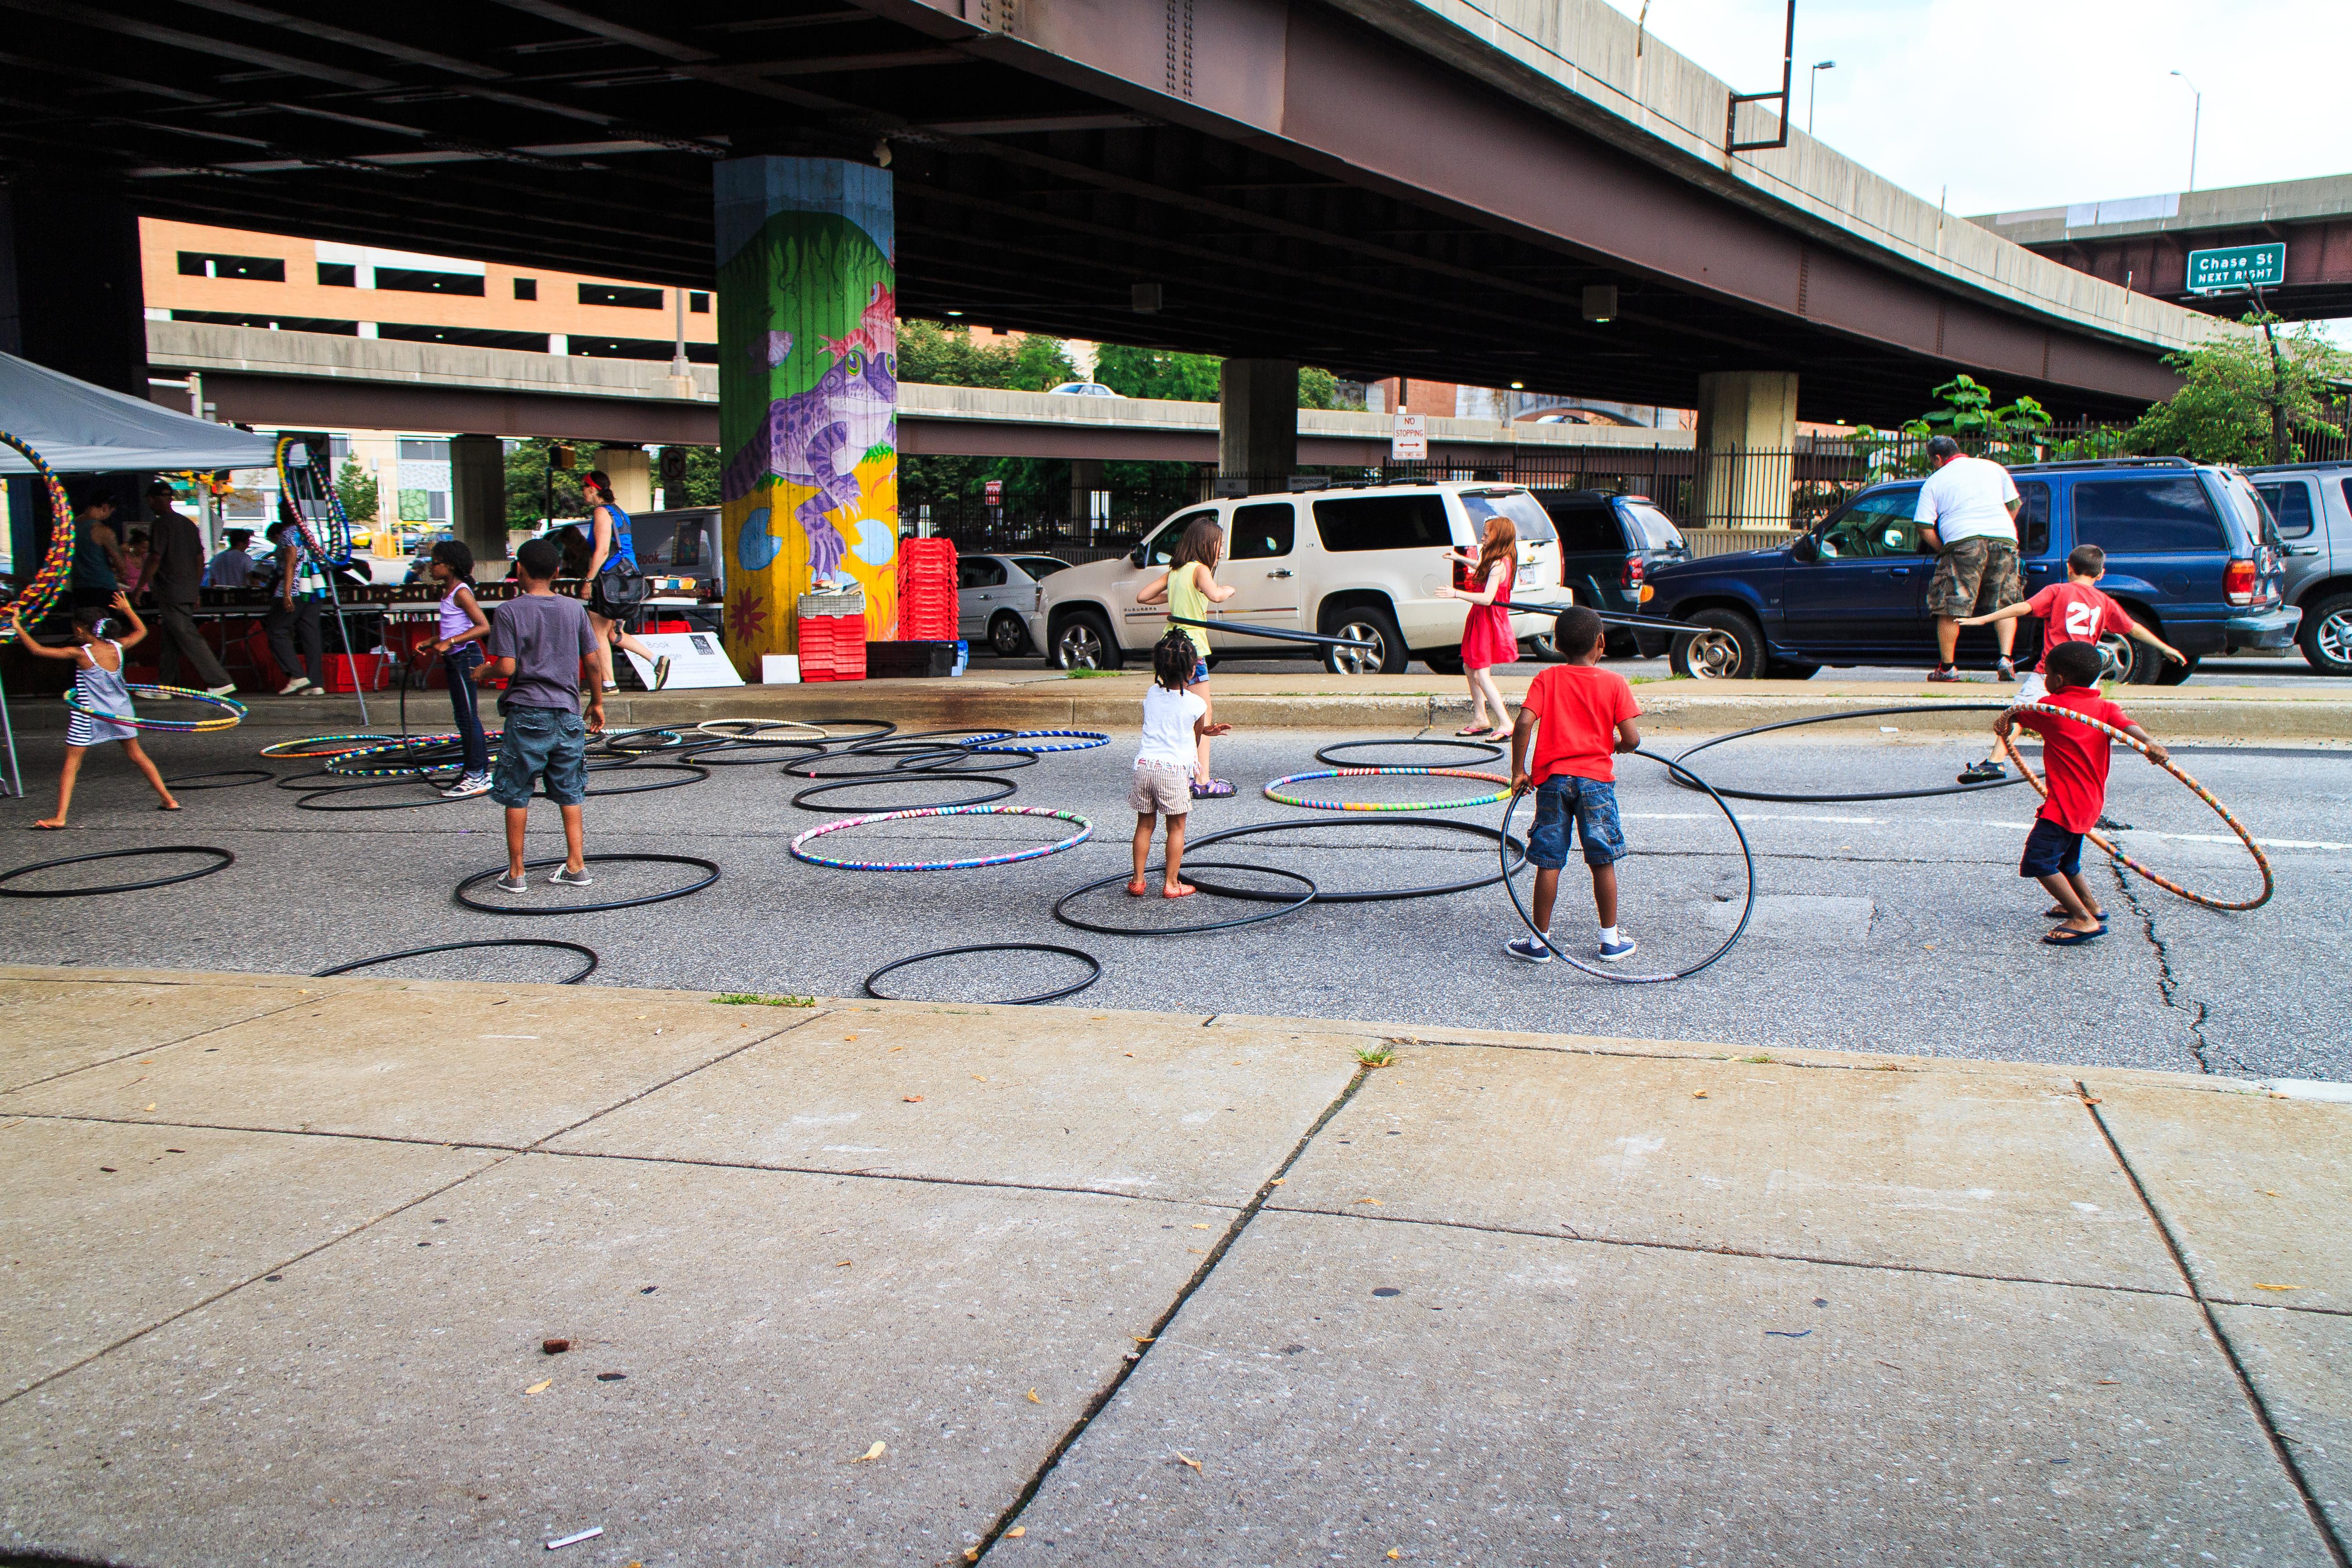 Kids and Hula Hoops at the market.